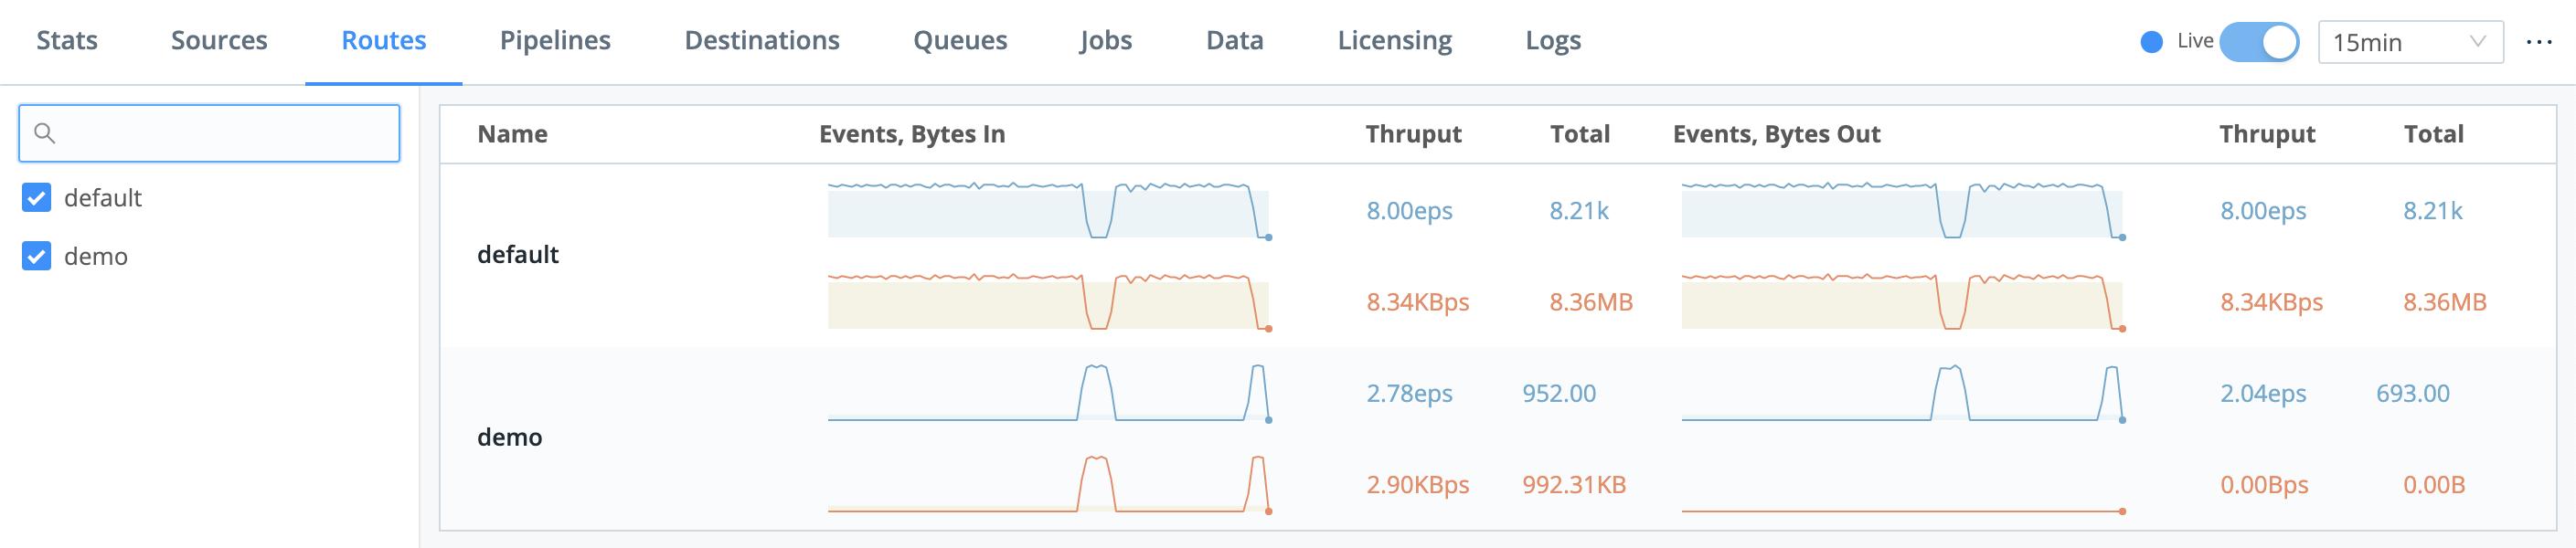 Monitoring data flow through Routes